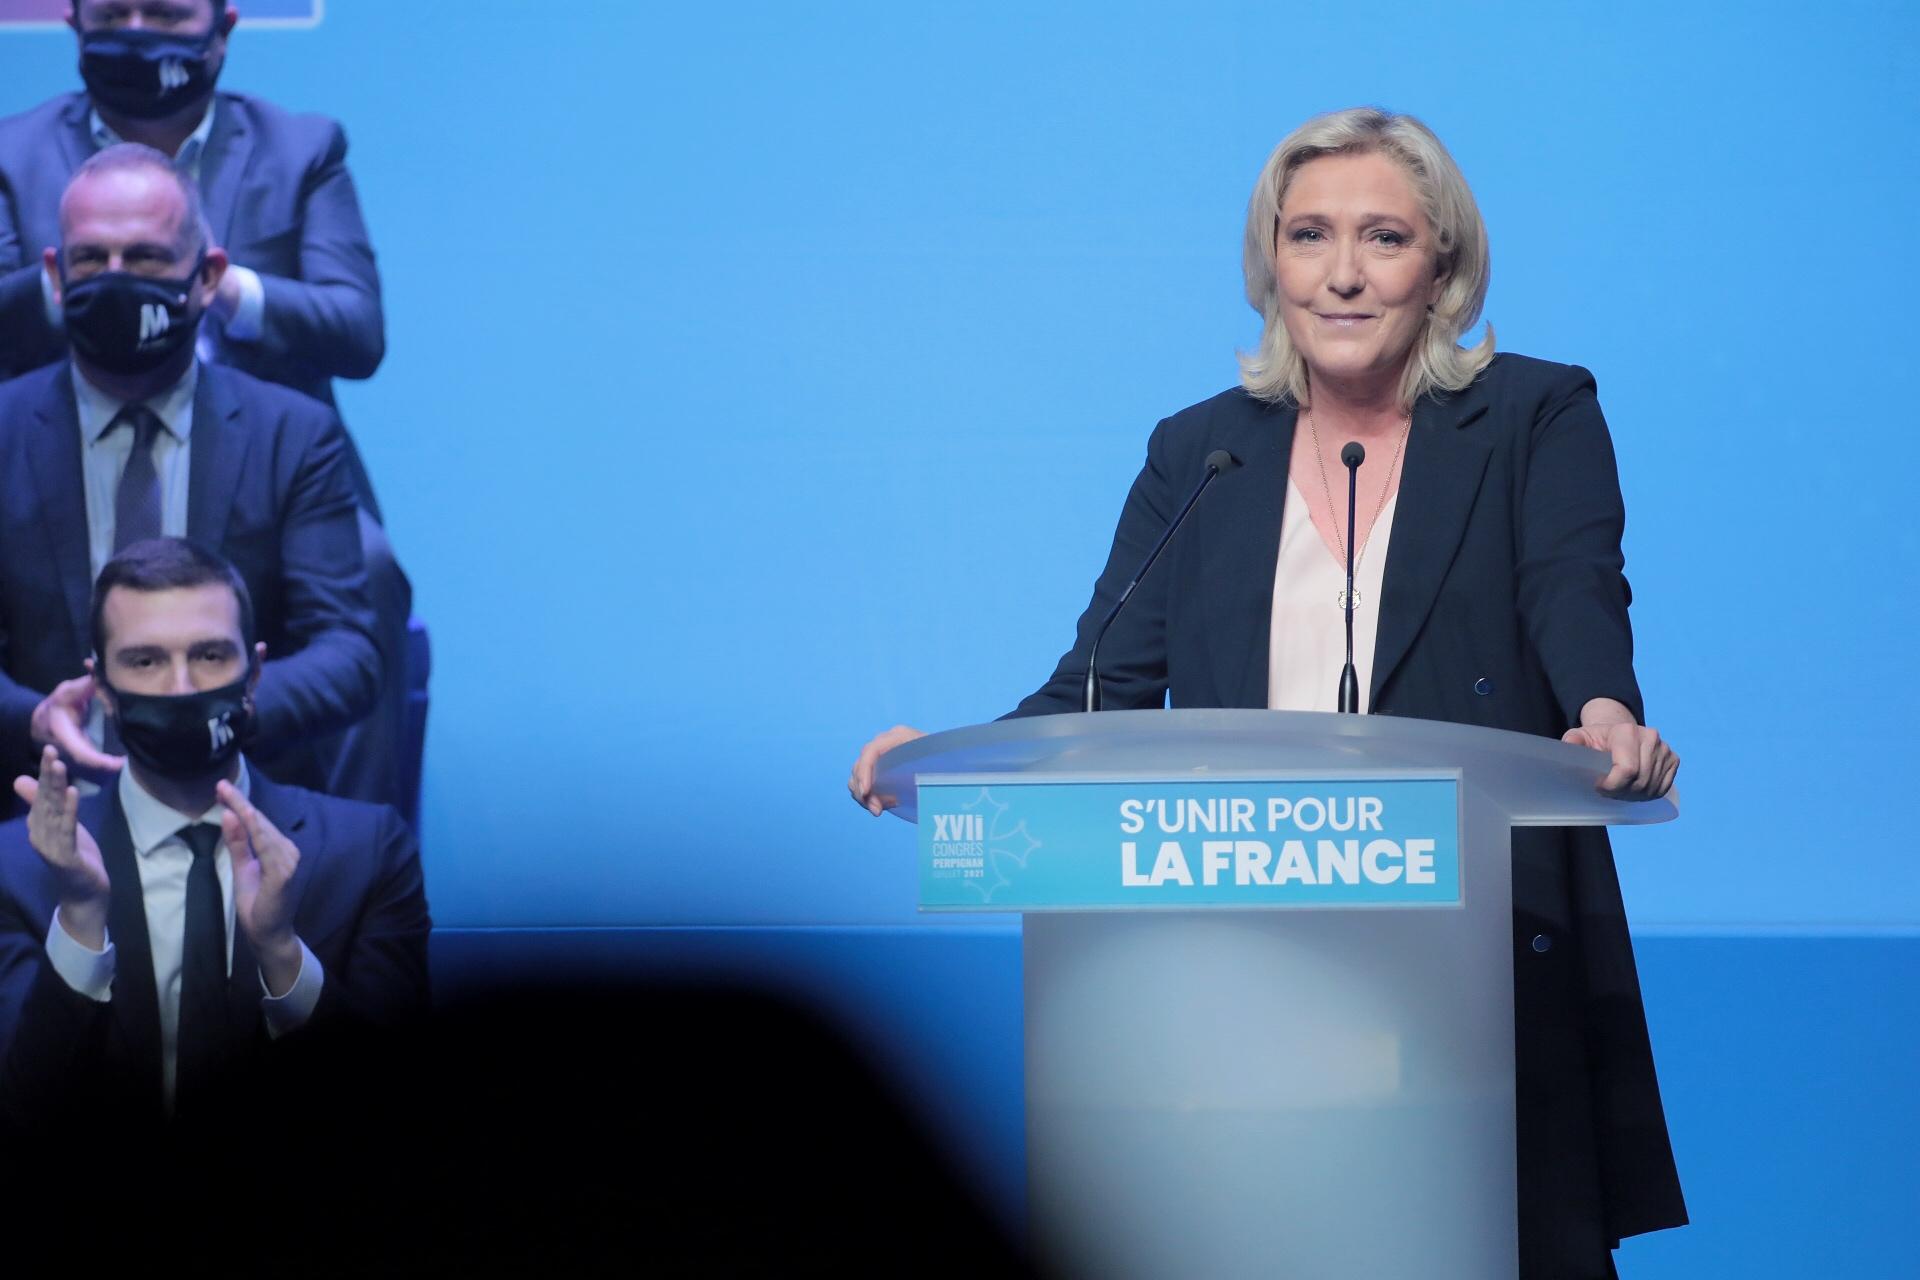 法國總統選舉對瑪麗娜·勒龐、馬克龍和伯特蘭的影響